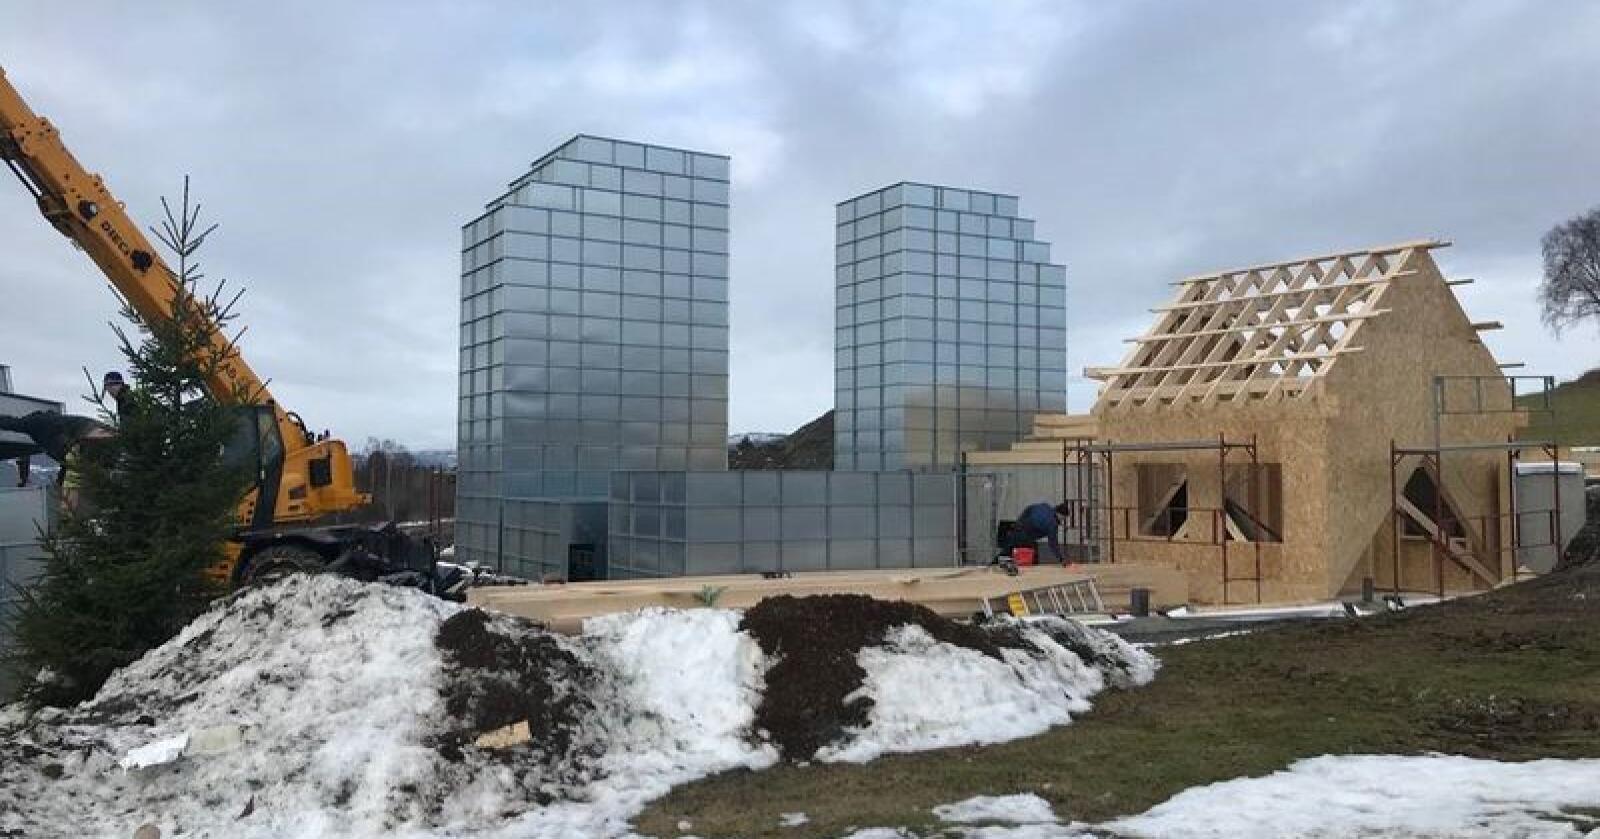 BYGGEPROSESS: Tørketårn og andre elementer ble løftet på plass av mobilkran under byggeprosessen. Foto: Privat